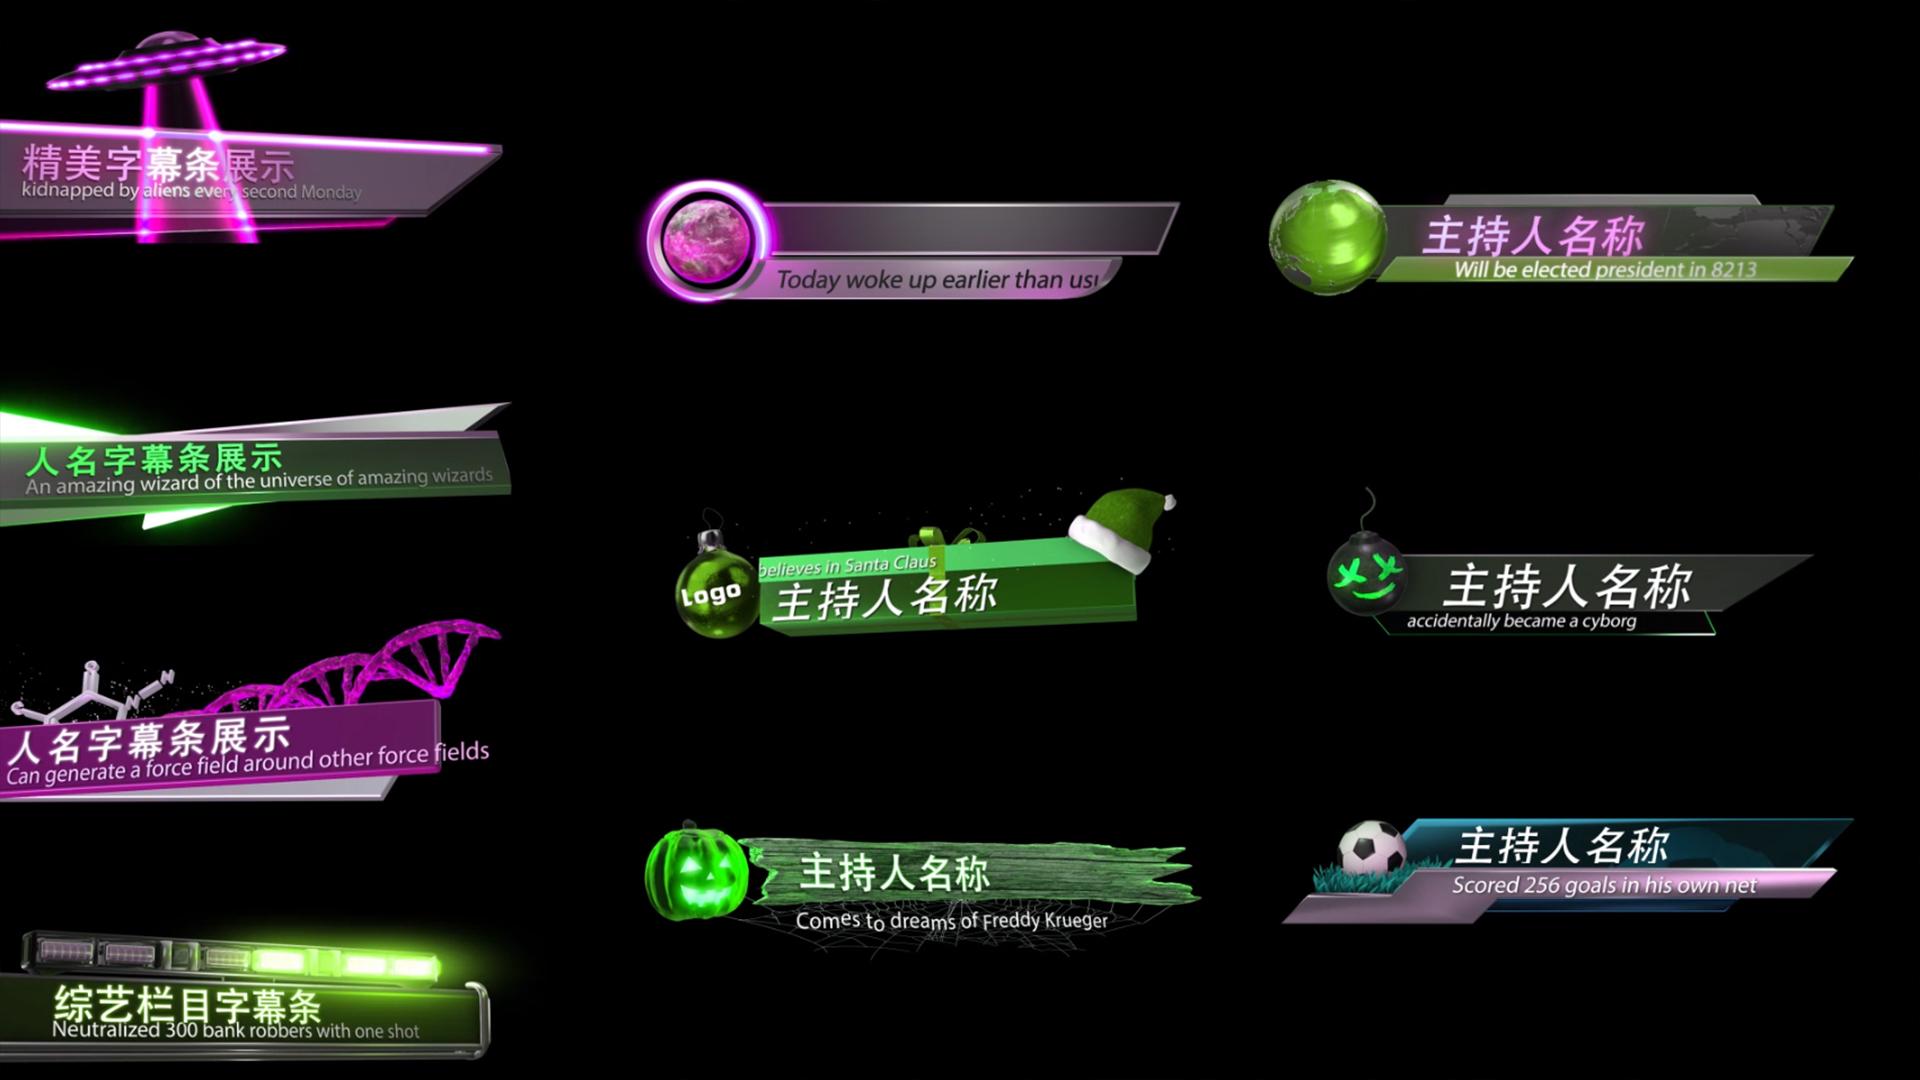 10组精美字幕条字幕AE模板